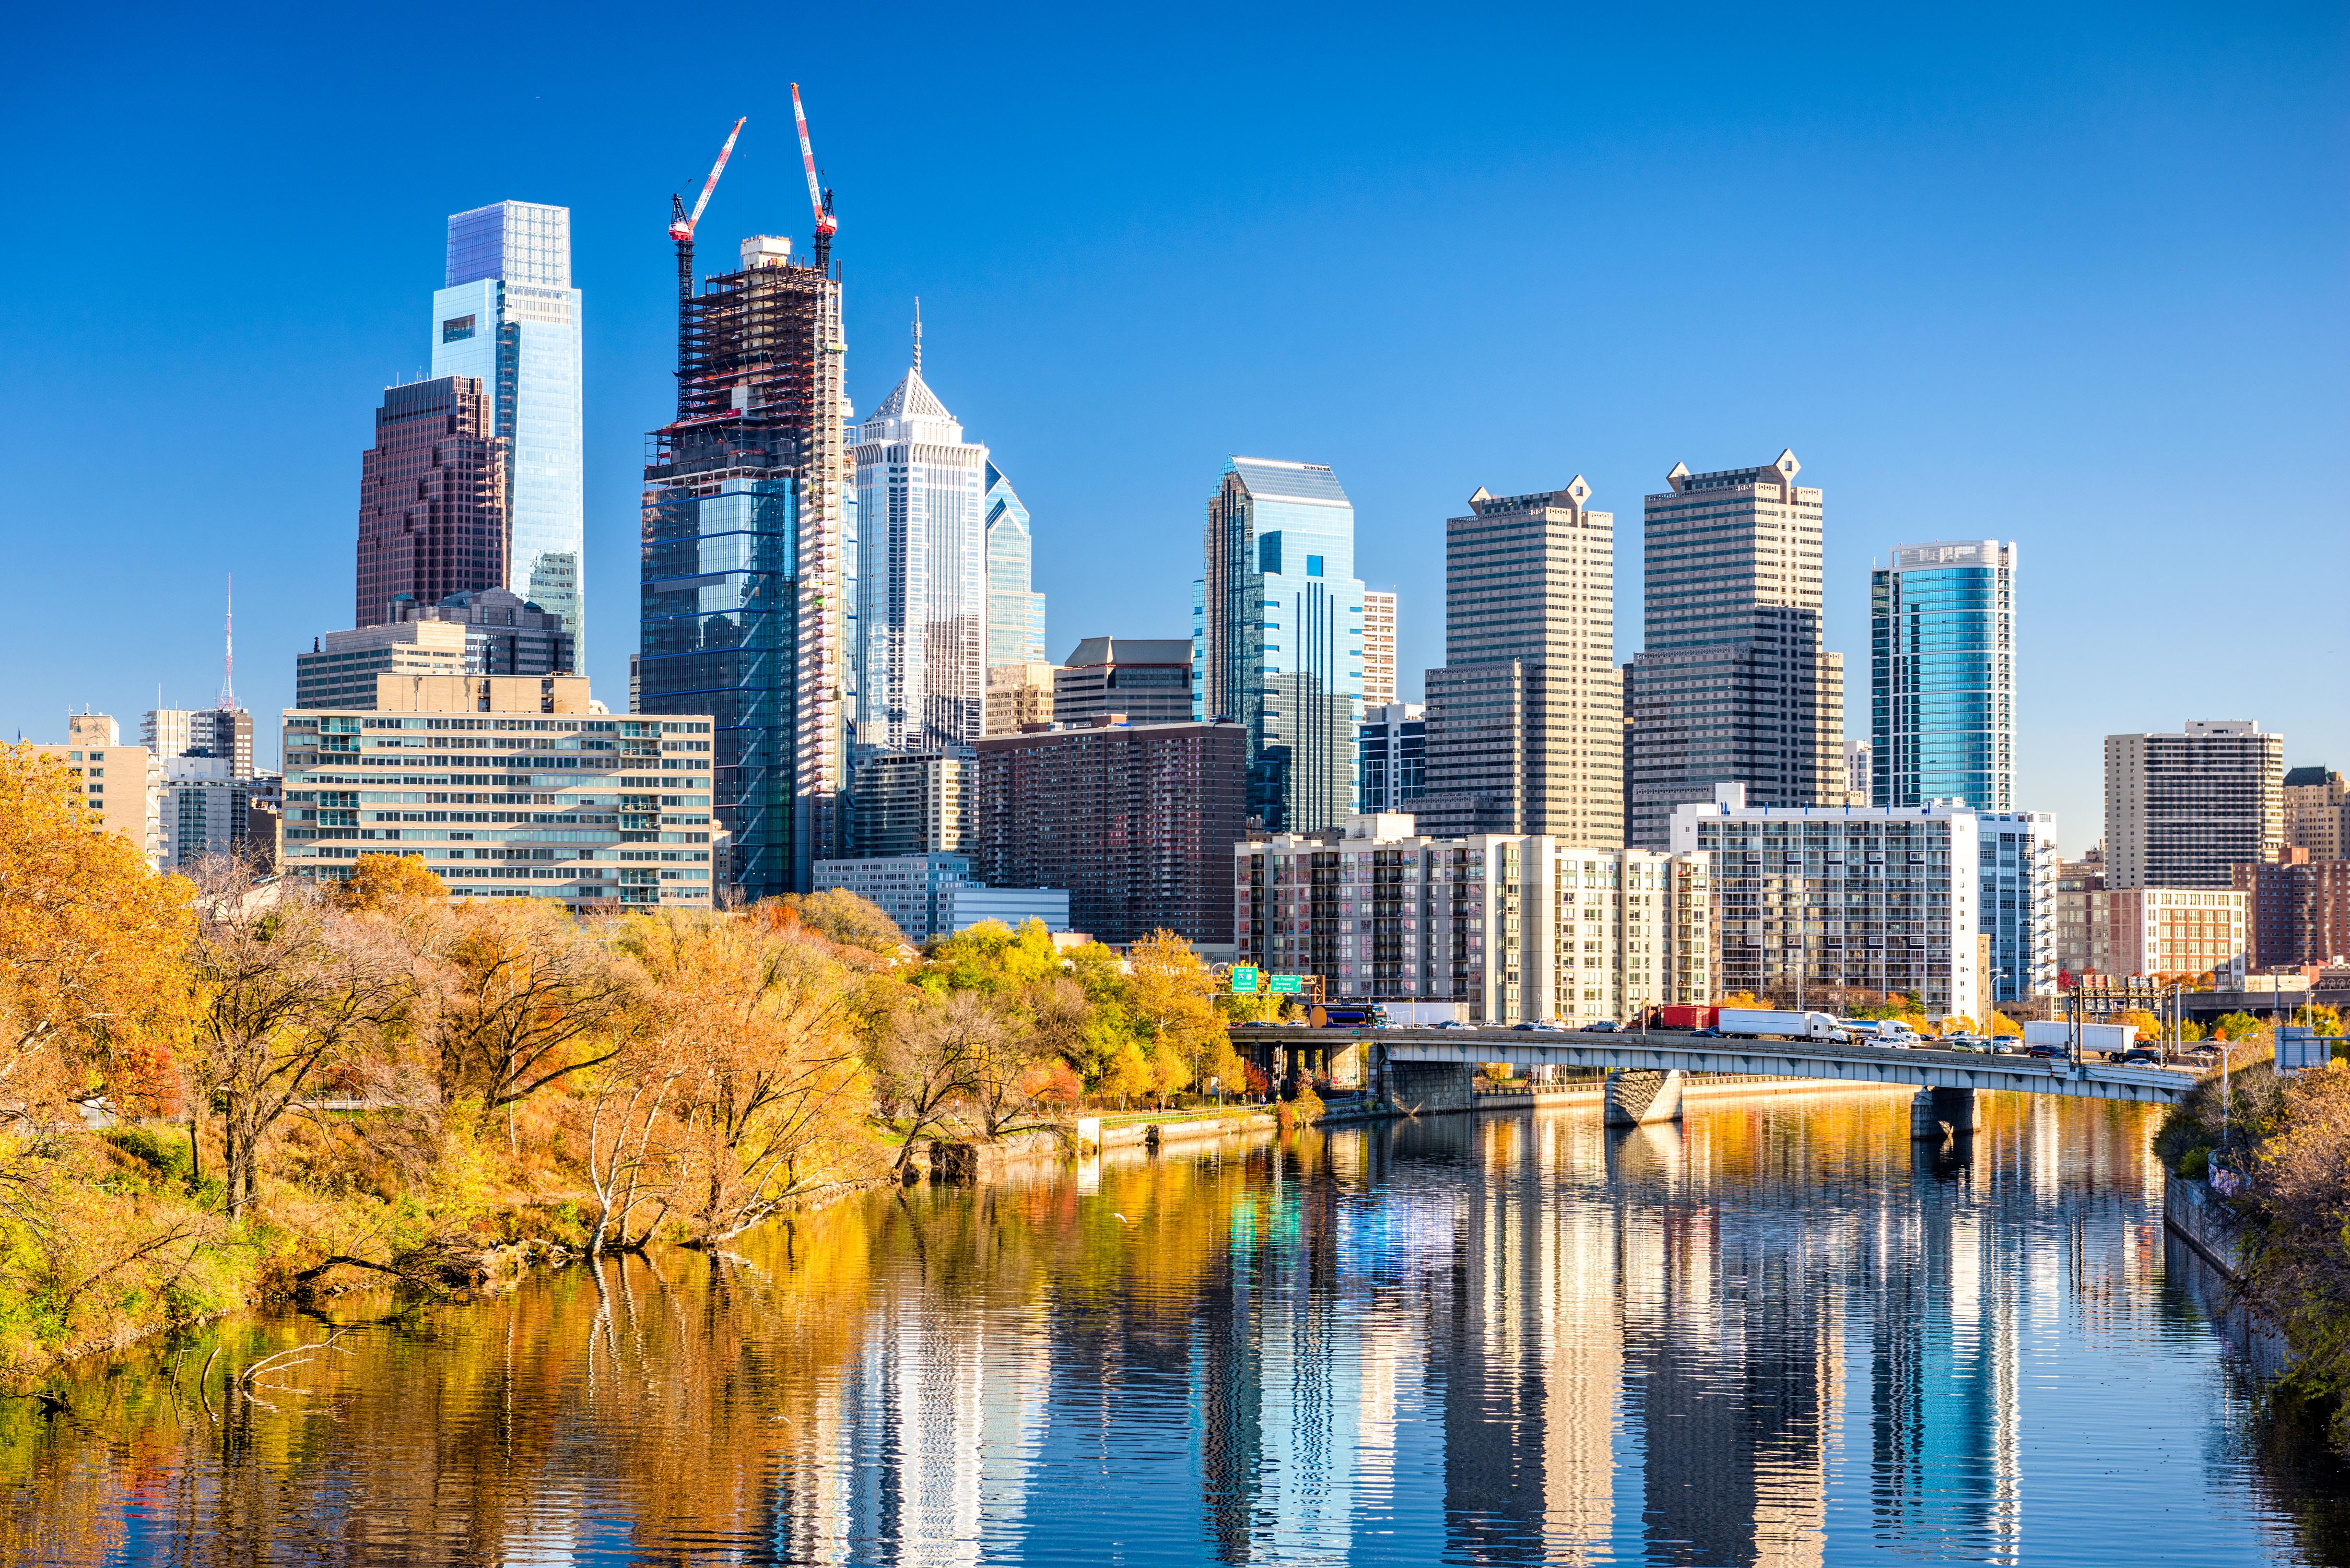 Philadelphia, Pennsylvania, USA downtown